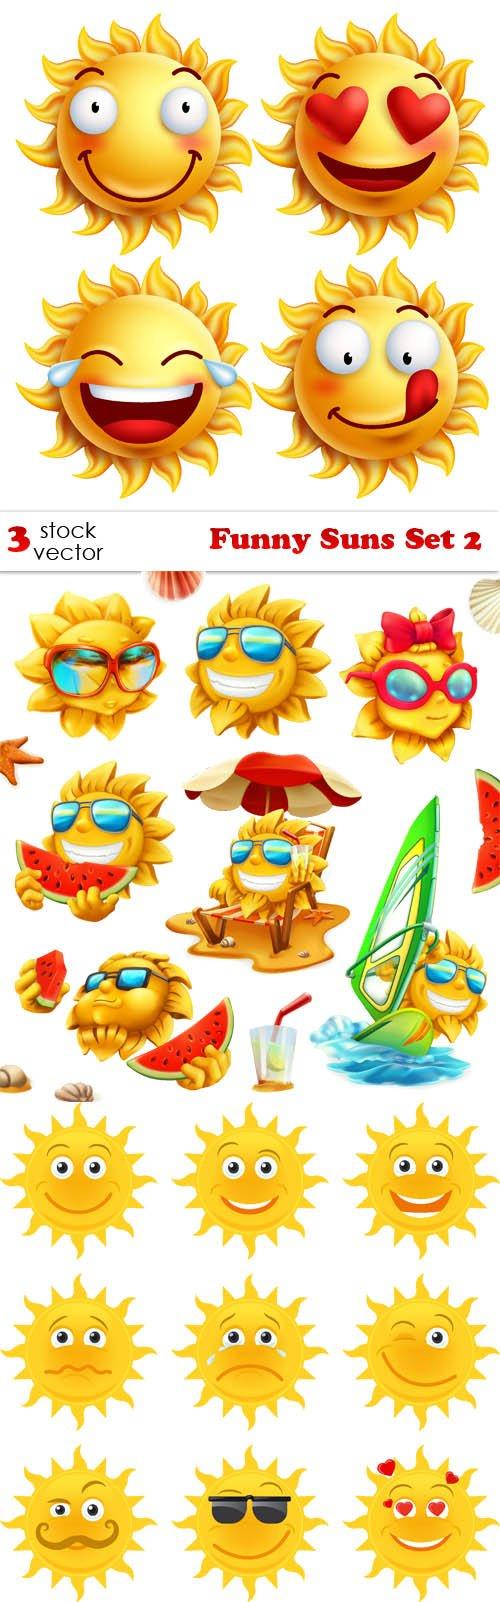 Vectors - Funny Suns Set 2